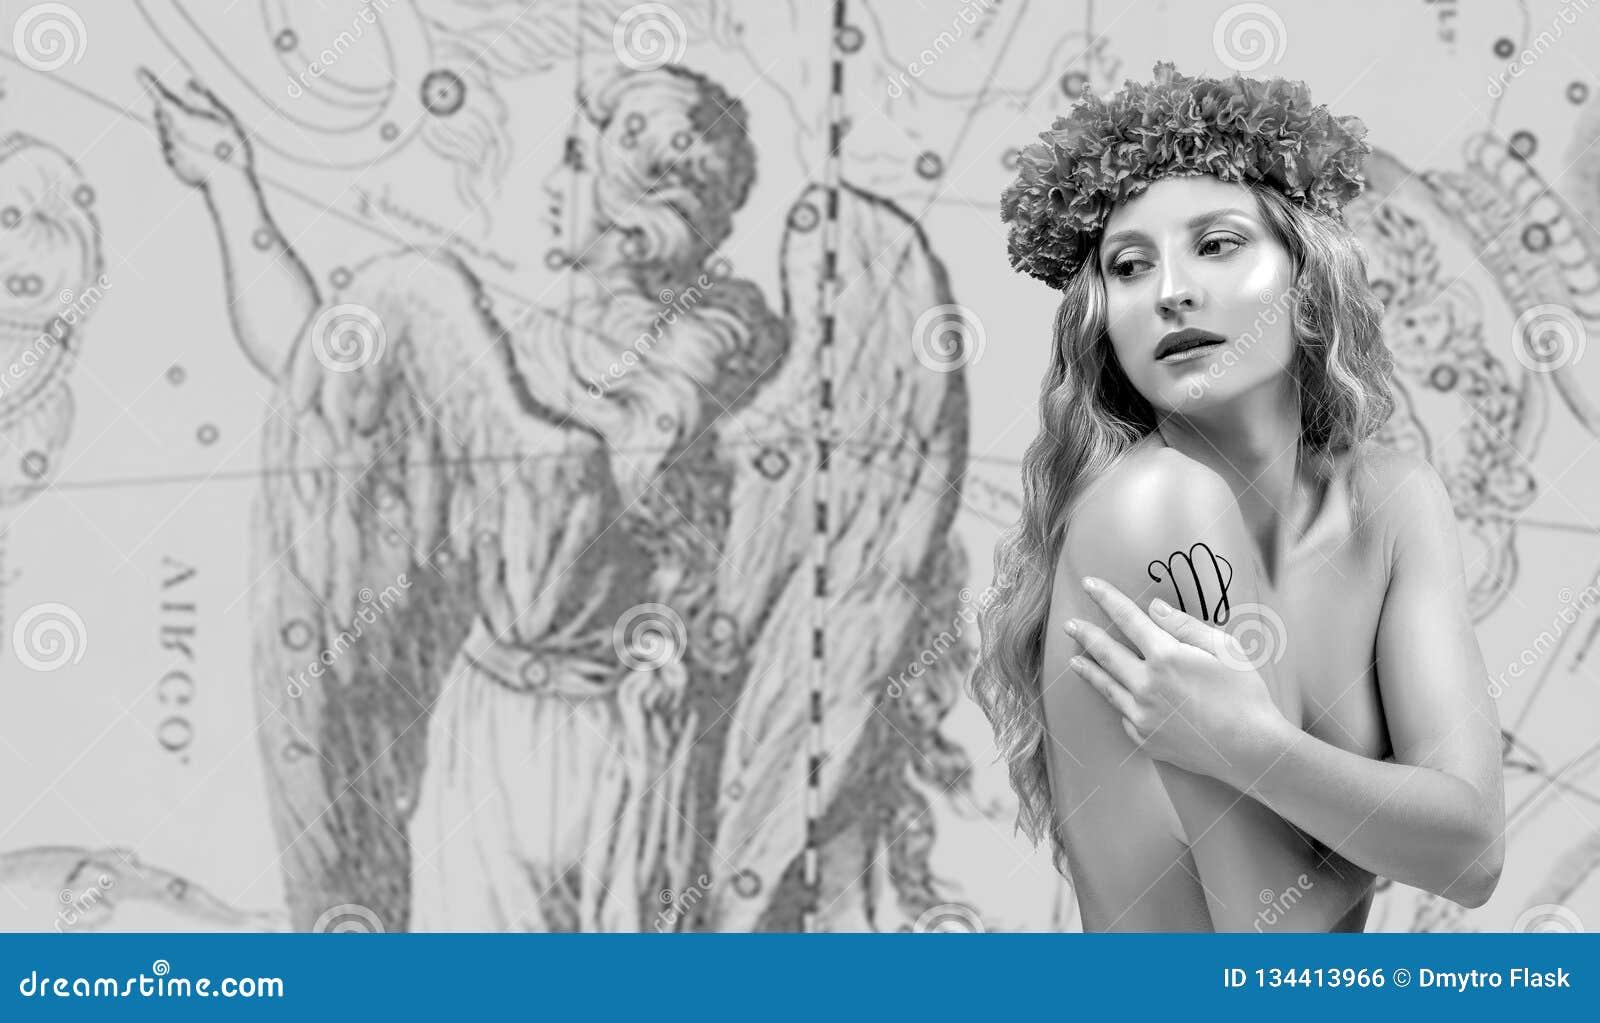 Horoscope Muestra del zodiaco del virgo, virgo hermoso de la mujer en mapa del zodiaco